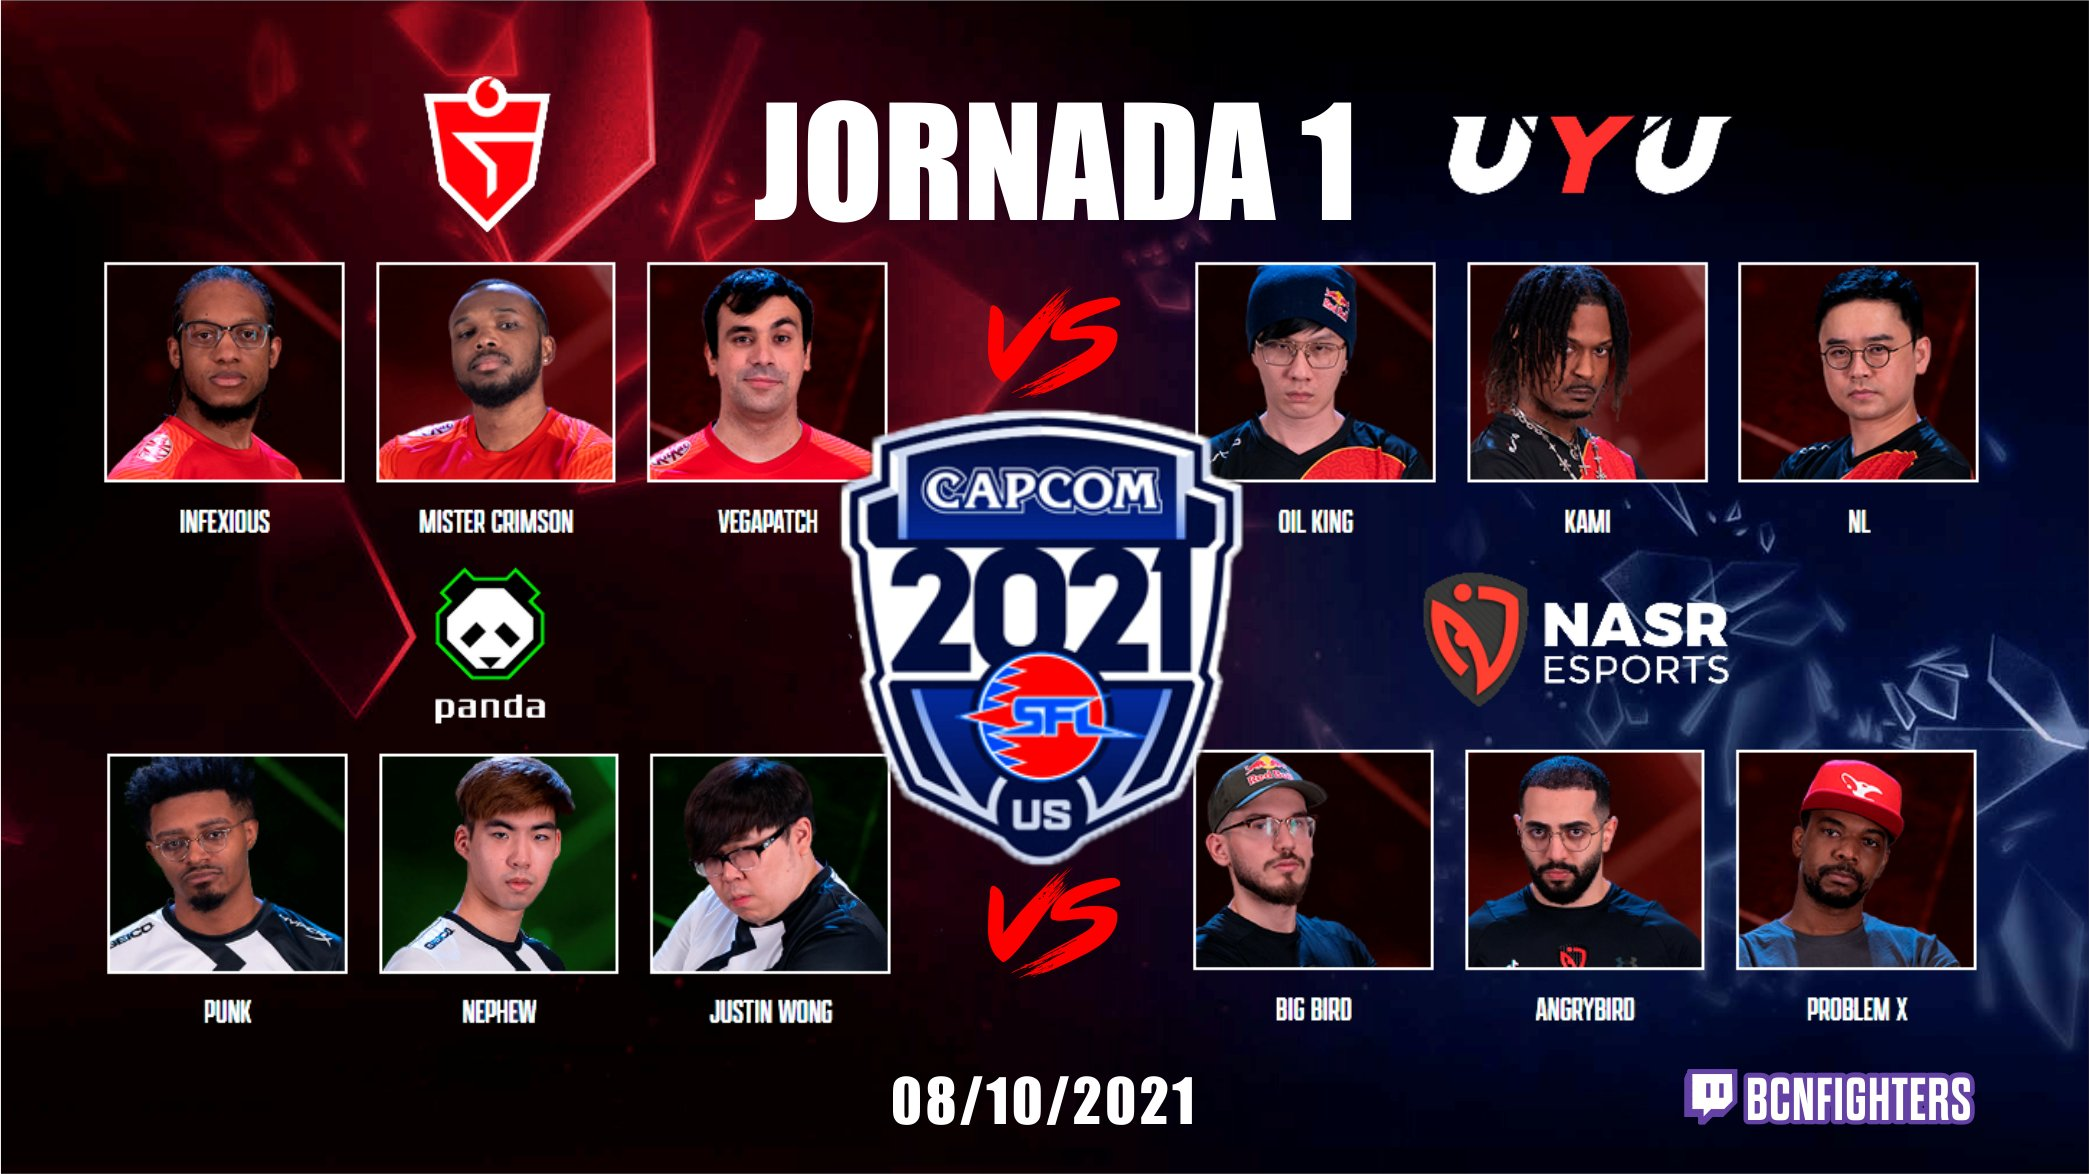 Primera jornada de la Street Fighter League